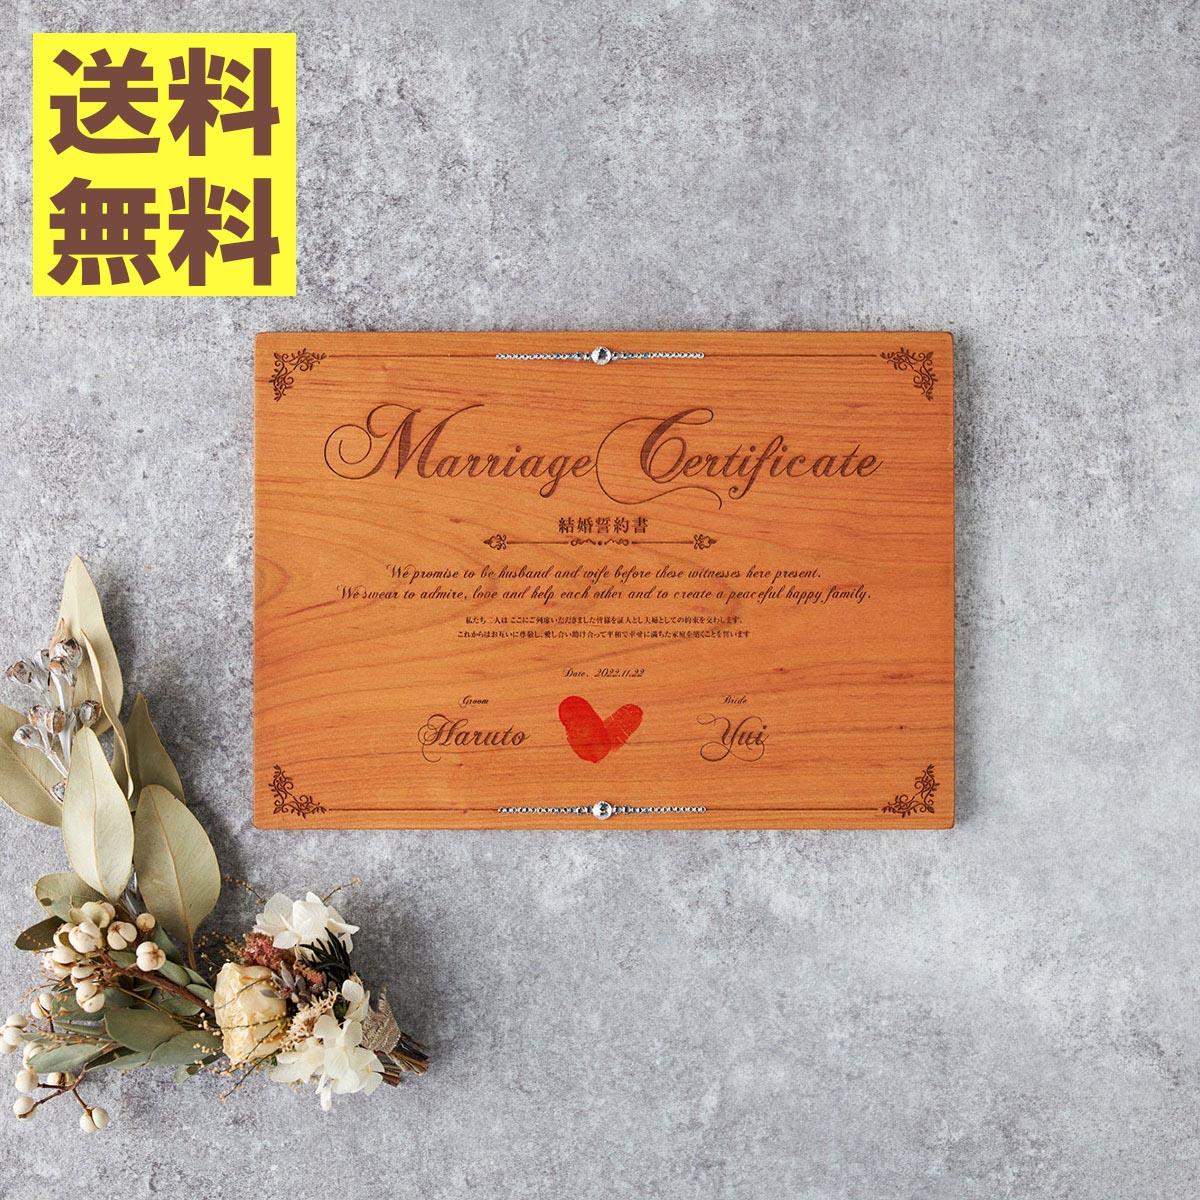 木の結婚誓約書 メーカー公式ショップ さくら お名前を刻印可能 結婚式 披露宴 無垢の一枚板からつくるナチュラルなデザイン 実物 送料無料 ラスティックウェディング 結婚の絆を深める誓約書 ウェディングパーティーを彩る演出グッズ